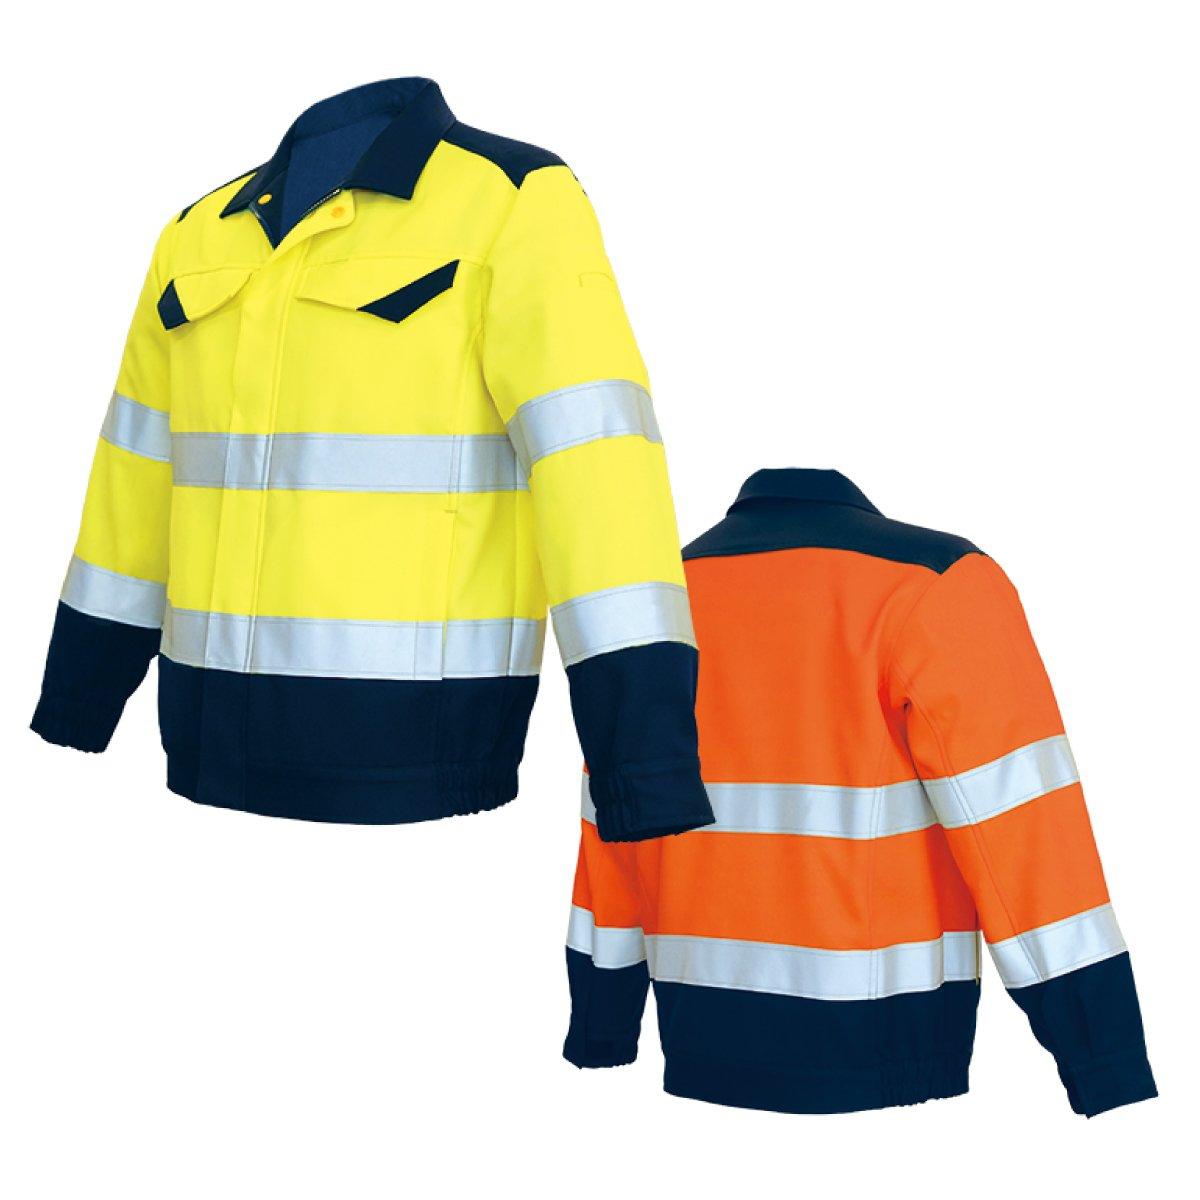 アゼアス 高視認性防護服 ブルゾン オレンジ 3L 62-4094-07/AZLITE13100O-3L B01684D3T6 3L|蛍光オレンジレッド 蛍光オレンジレッド 3L